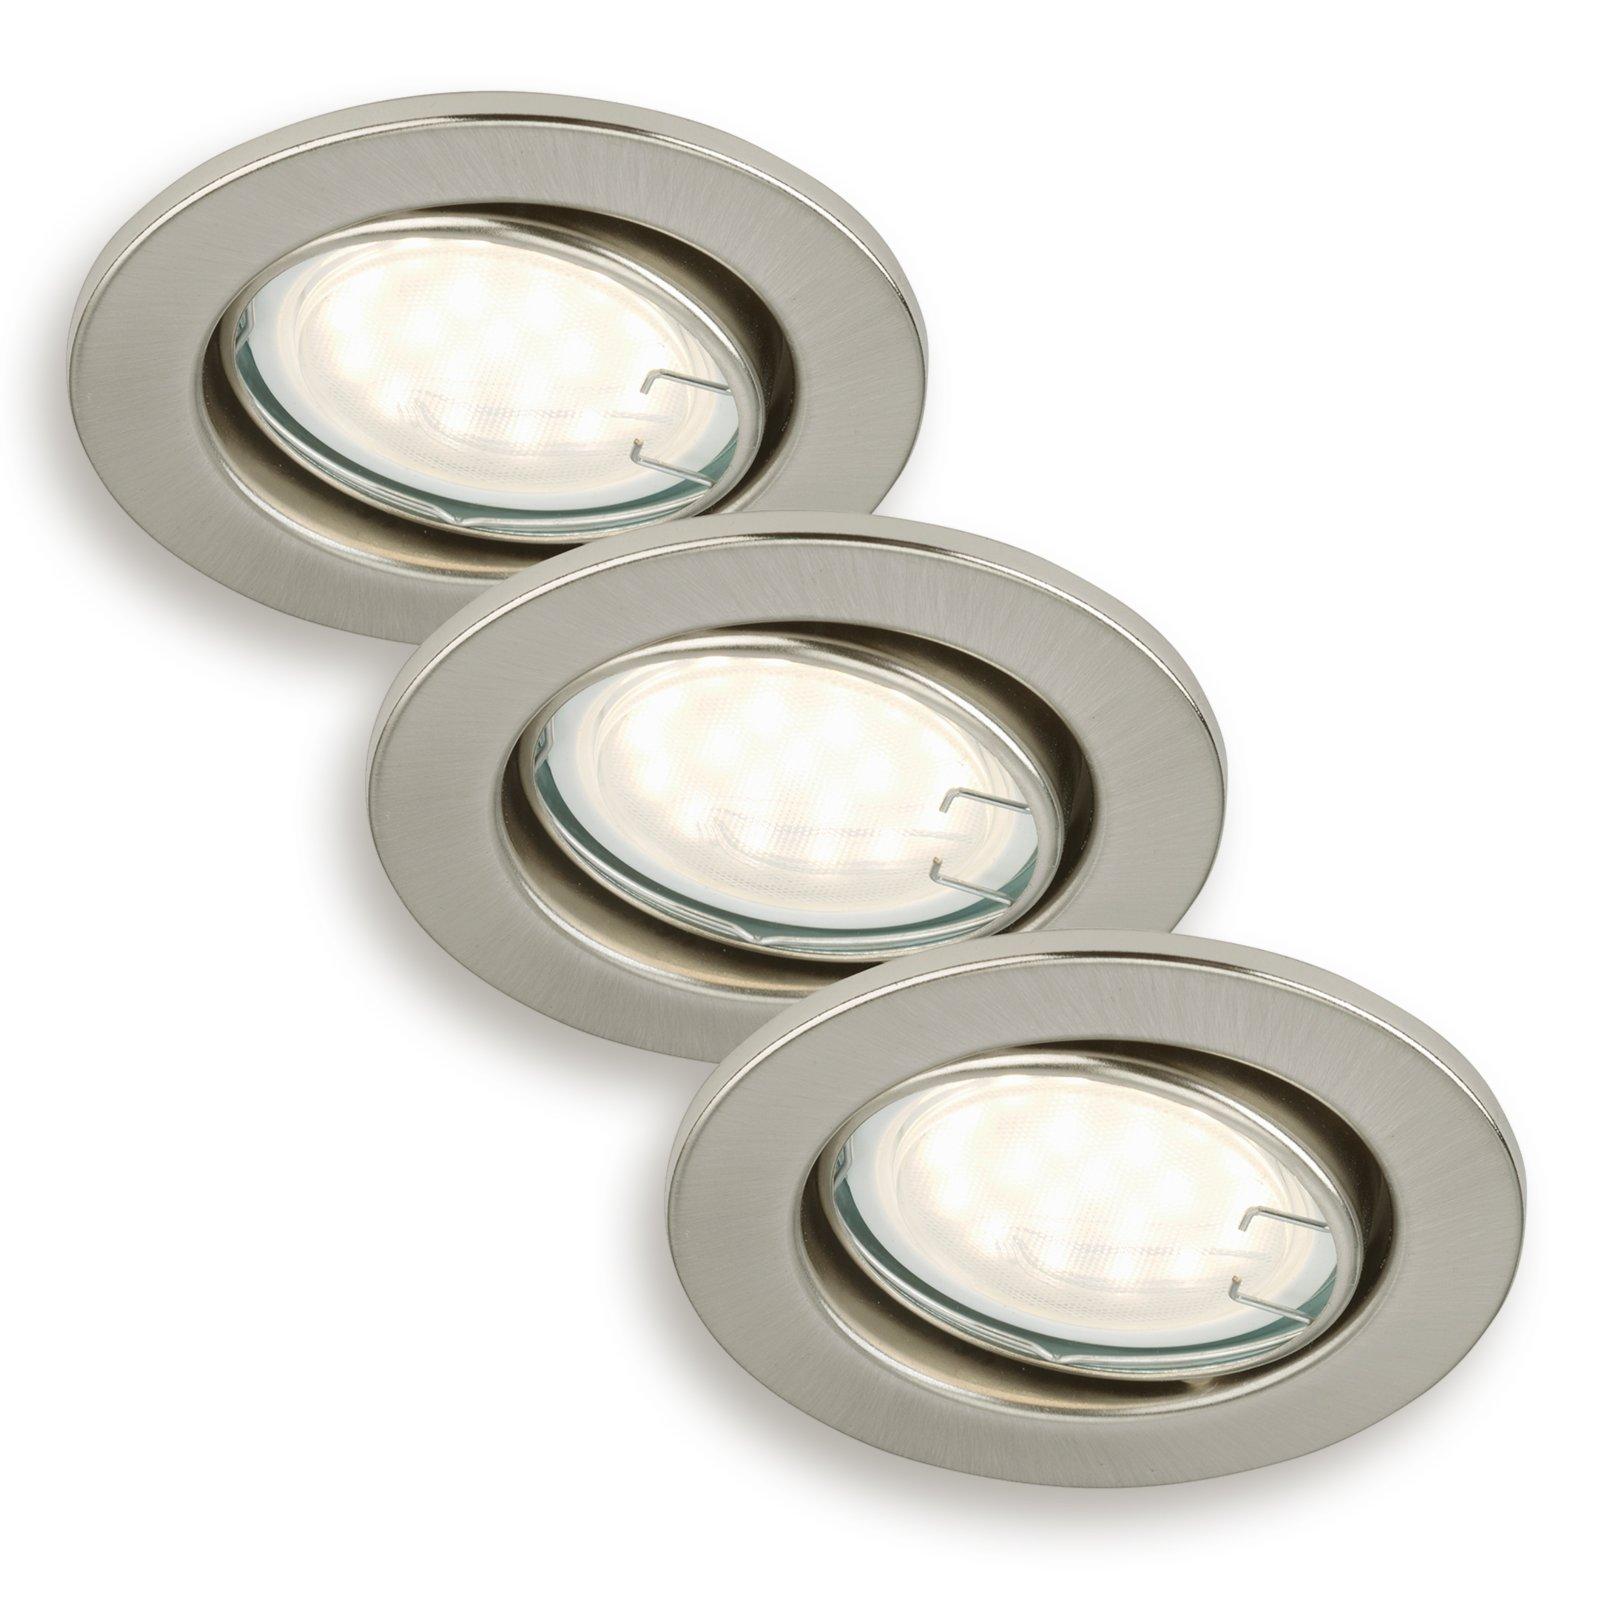 3er set led einbauspots nickel matt schwenkbar einbauspots deckenleuchten lampen. Black Bedroom Furniture Sets. Home Design Ideas